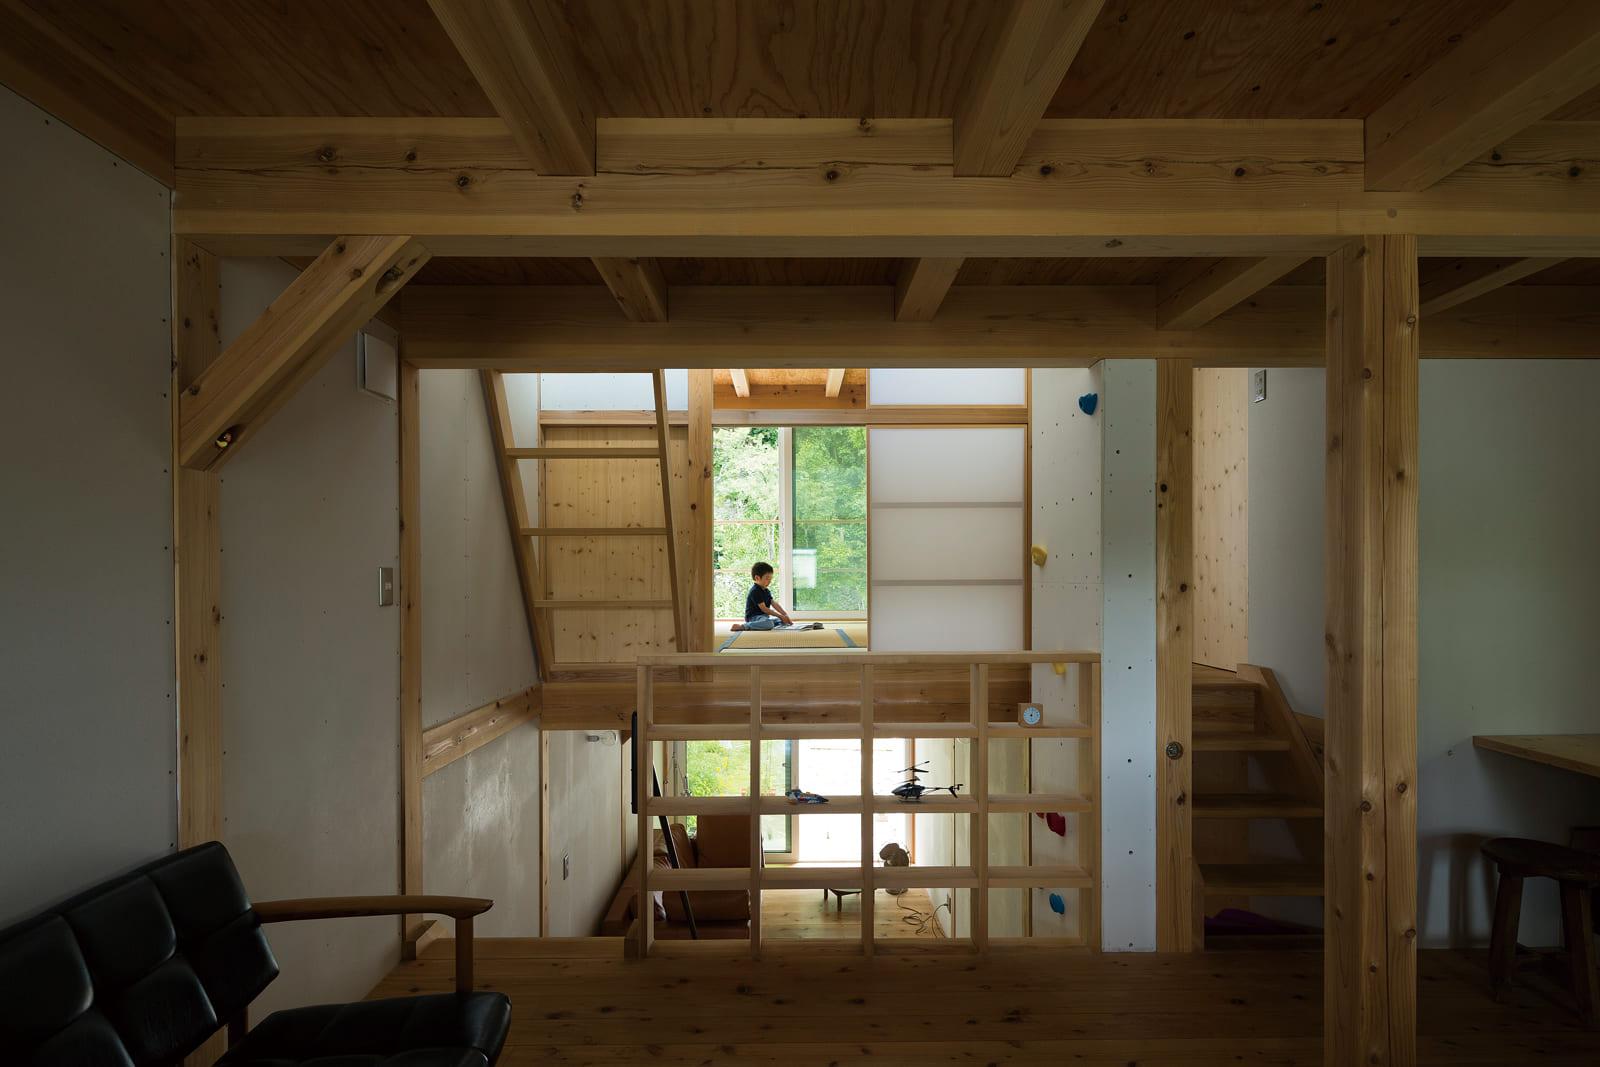 2階子ども部屋から寝室方向を見る。スキップする床面ごとに居室を配置した無駄のないプラン。完全に仕切っていないので、北側の雑木林まで視界が抜ける